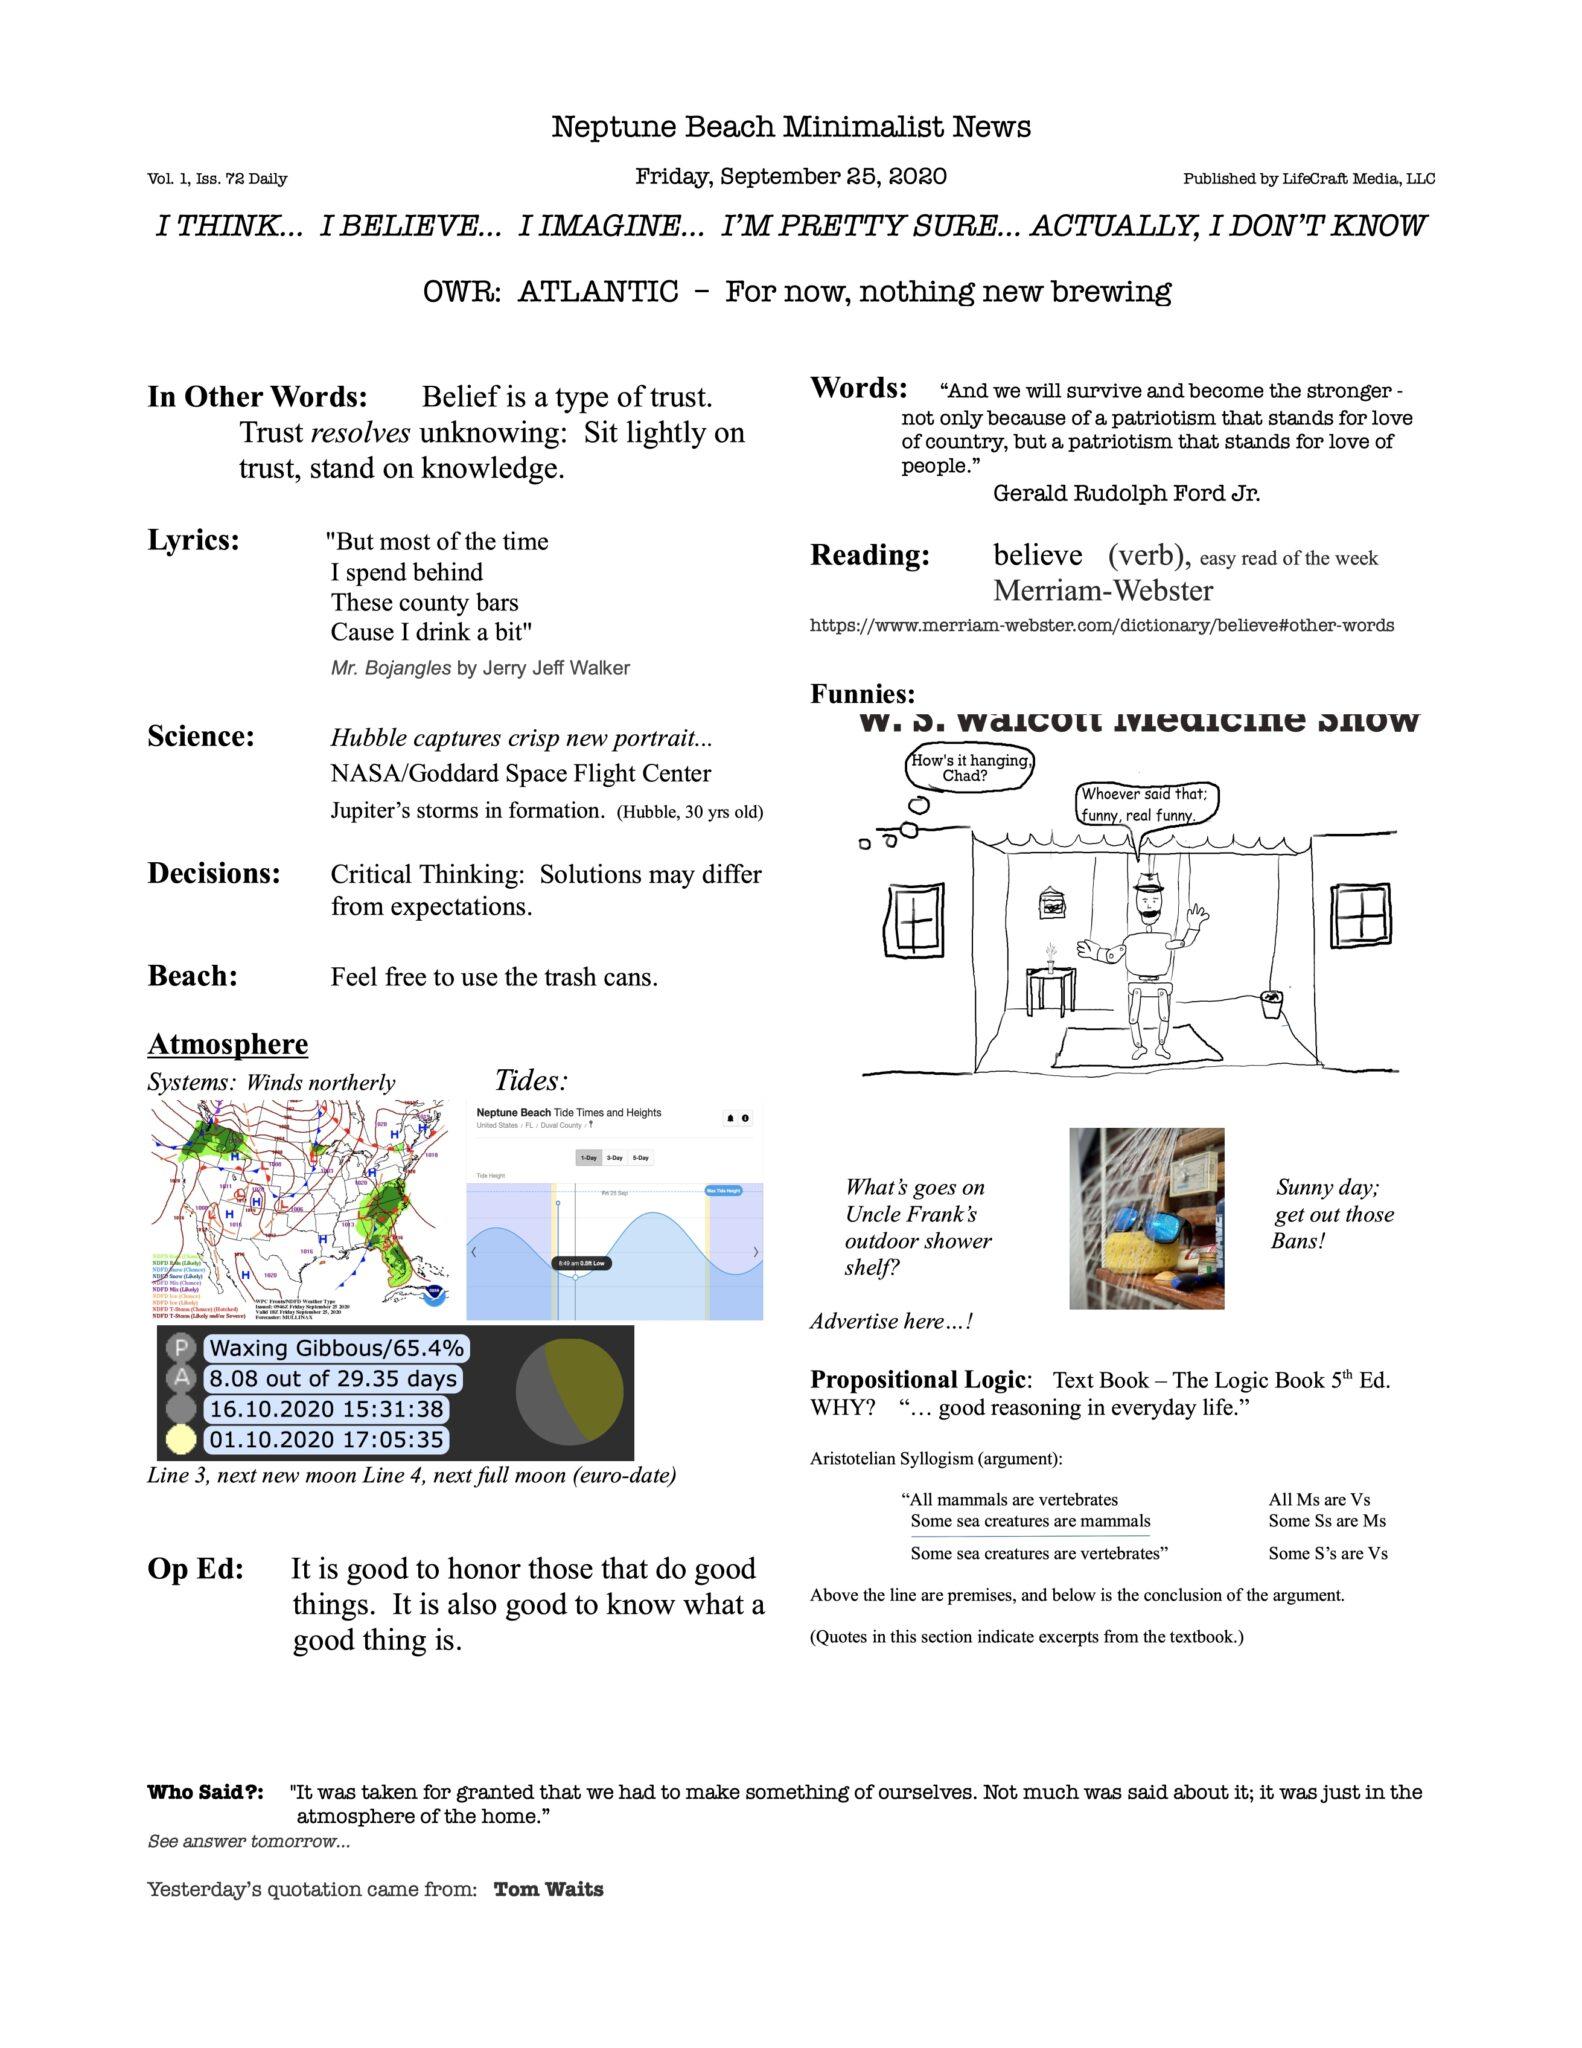 Neptune Beach Minimalist News